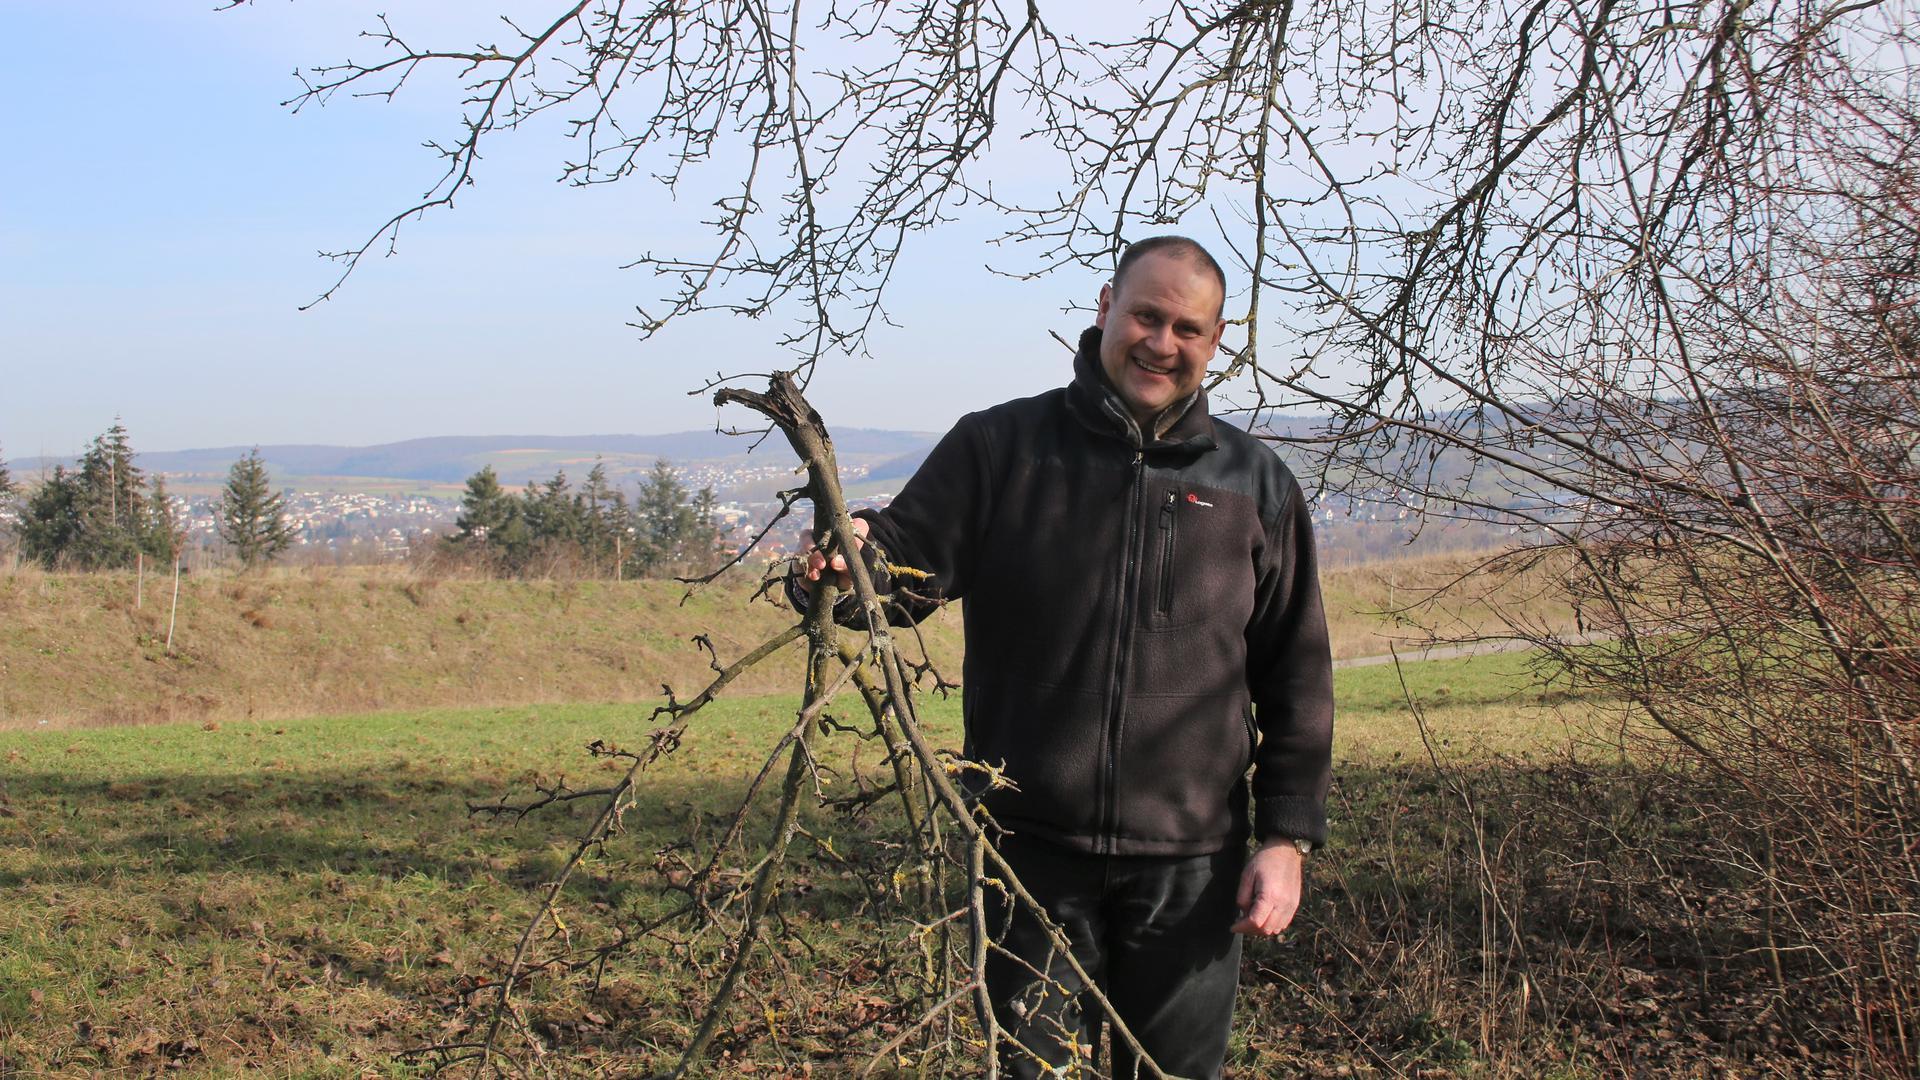 Kaum wiederzuerkennen sei das Landschaftsbild rund um den Nöttinger Autobahnausbau, findet AfD-Kreisrat Klaus Fuchs, der die Dauer und Folgen des Flurbereinigungsverfahrens kritisiert.